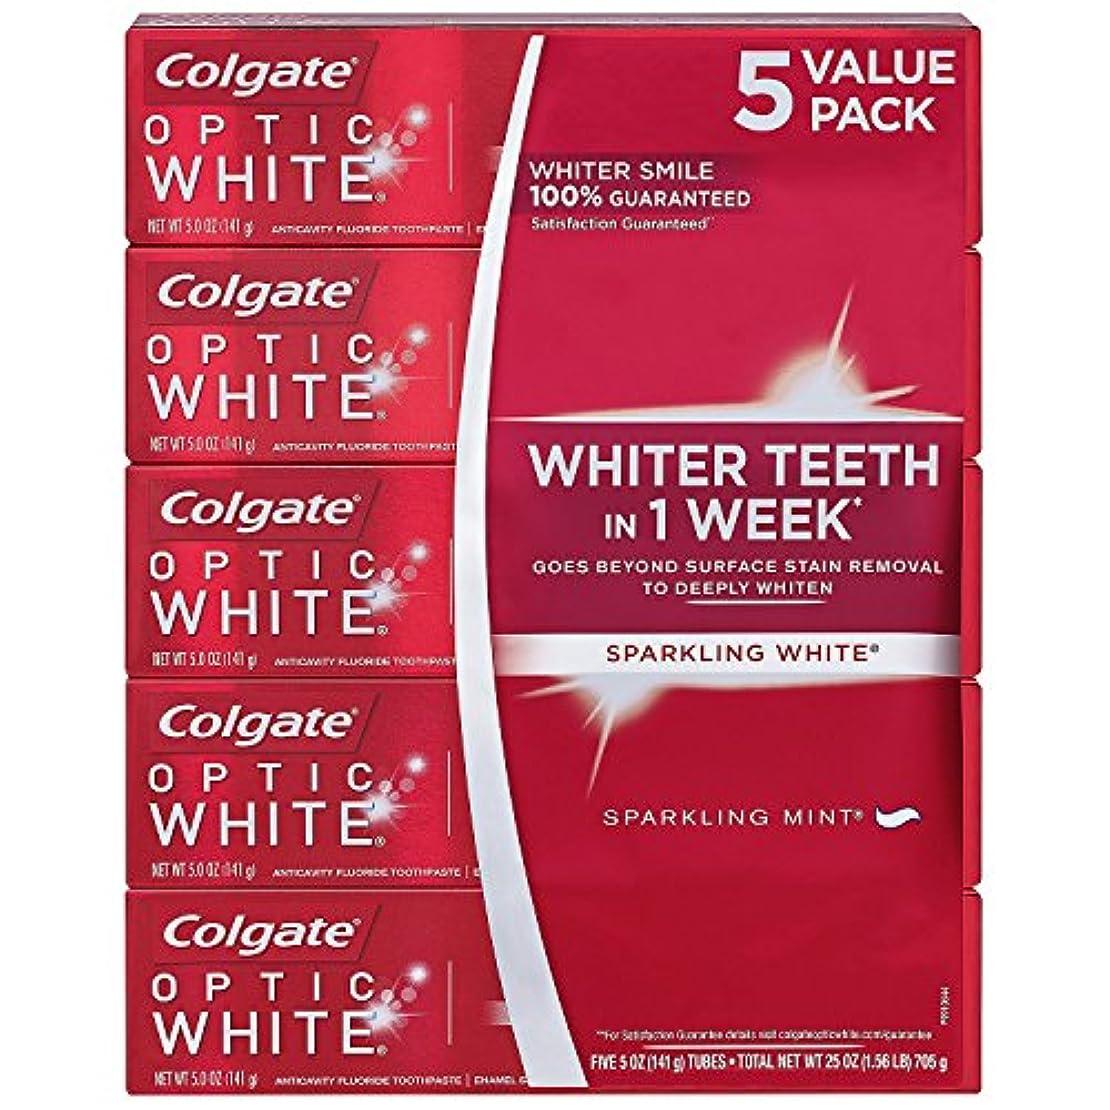 コロニーラフト嵐が丘海外直送品 Colgate Optic White コルゲート オプティック ホワイト スパークリングミント141g ×5本 [Pack of 5]